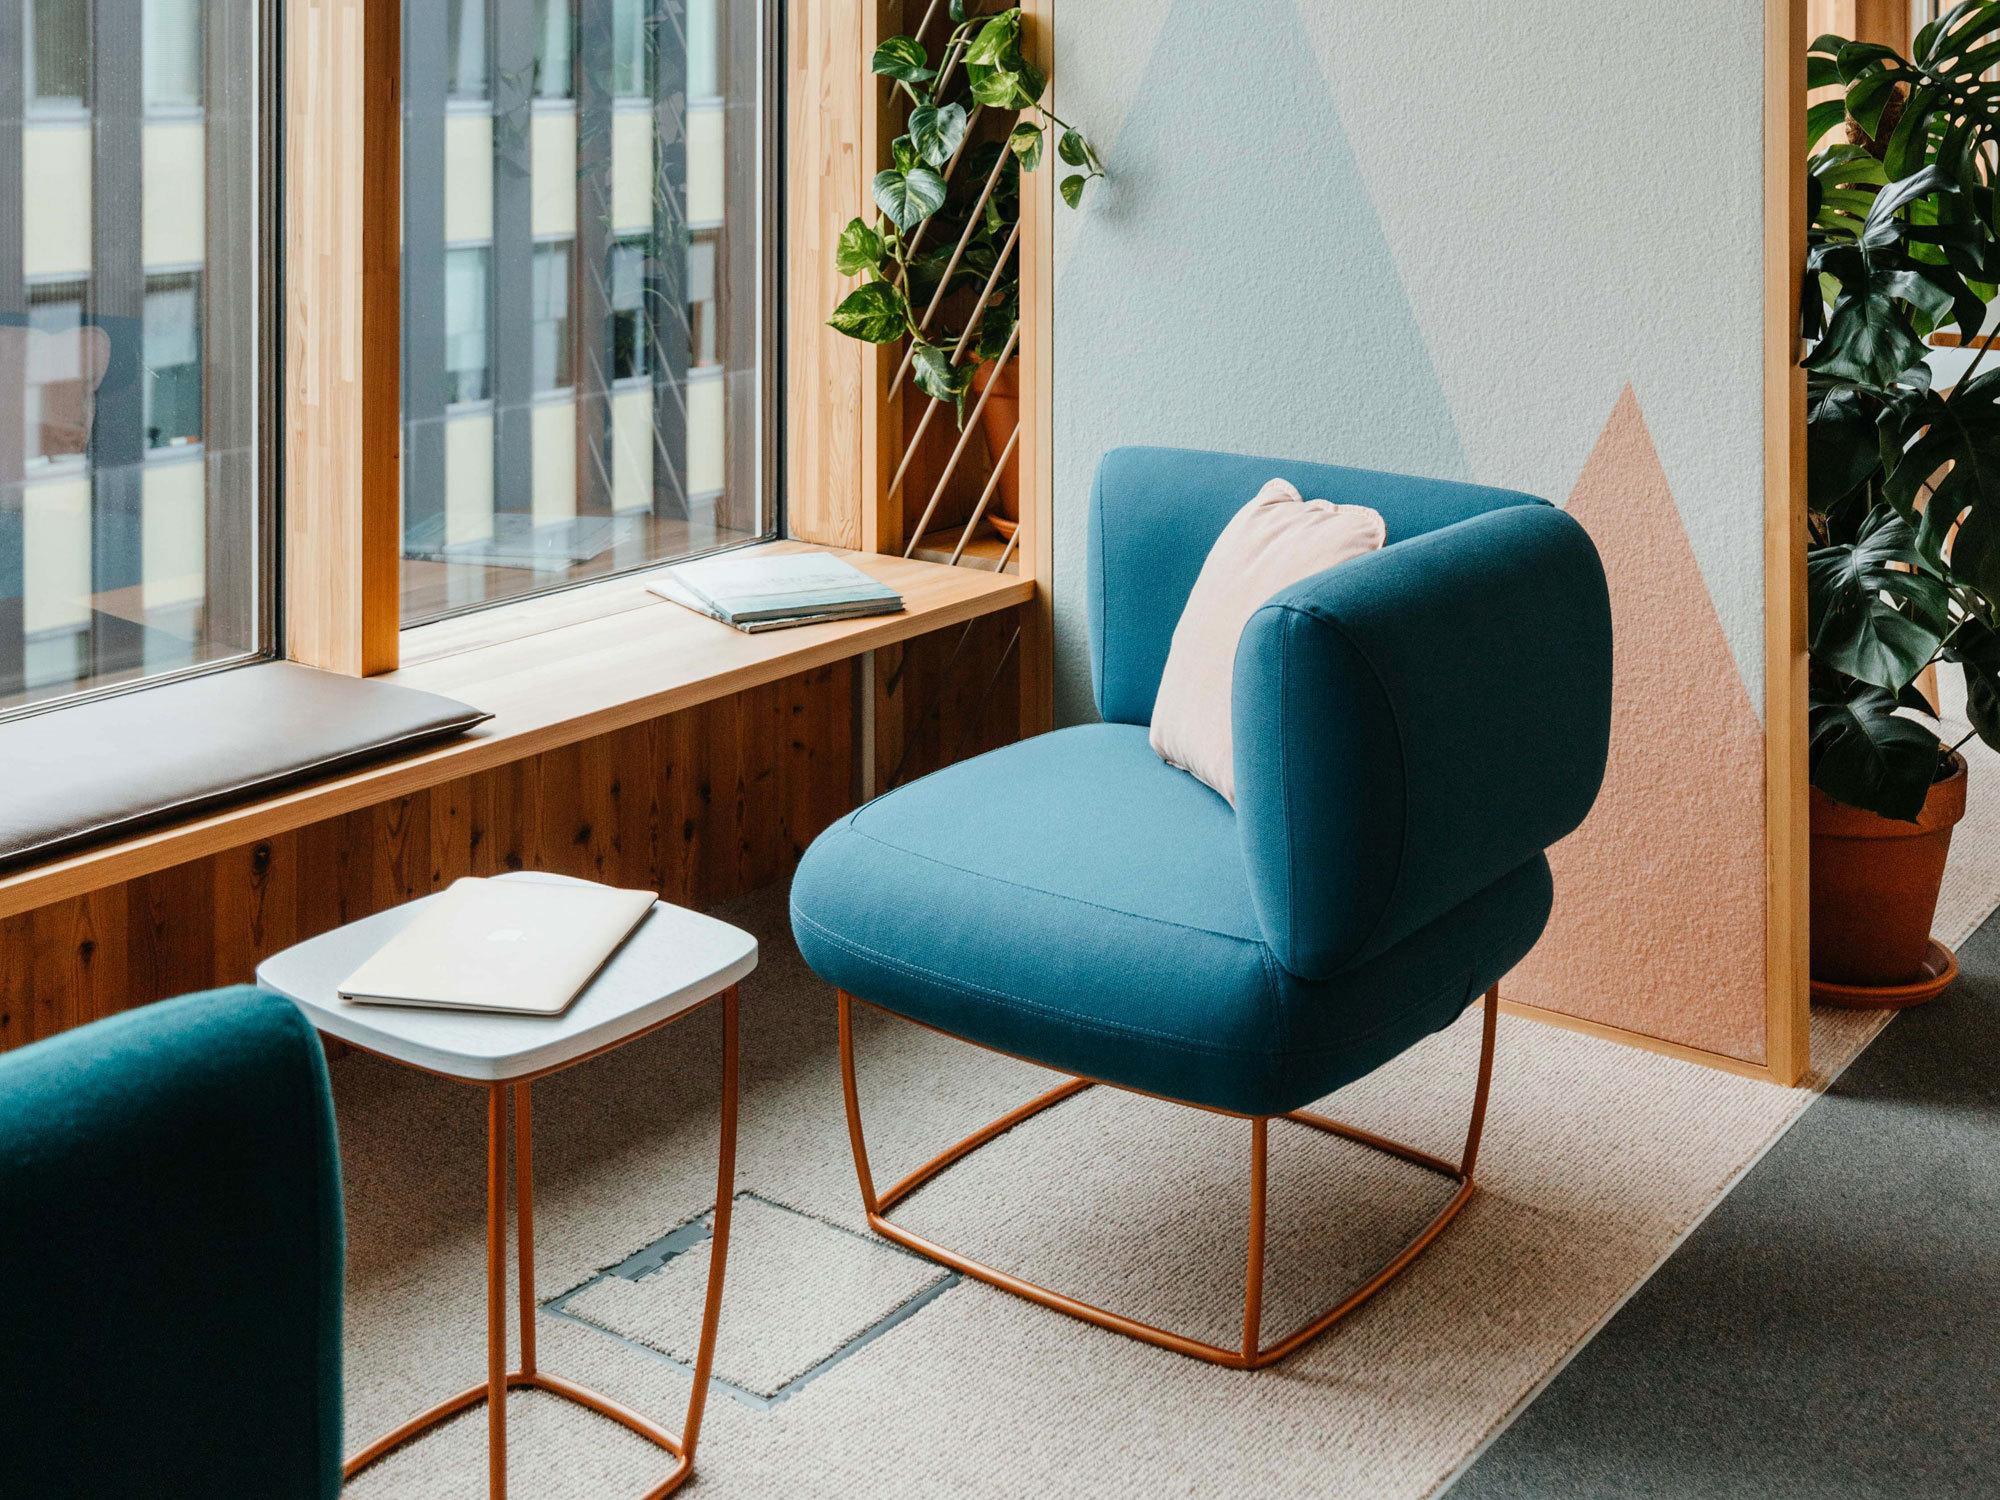 Der von Nina Mair für LaCividina entworfene Loungesessel Bernard dient in hellblauem Stoffbezug für informelle Gespräche oder zum Entspannen.